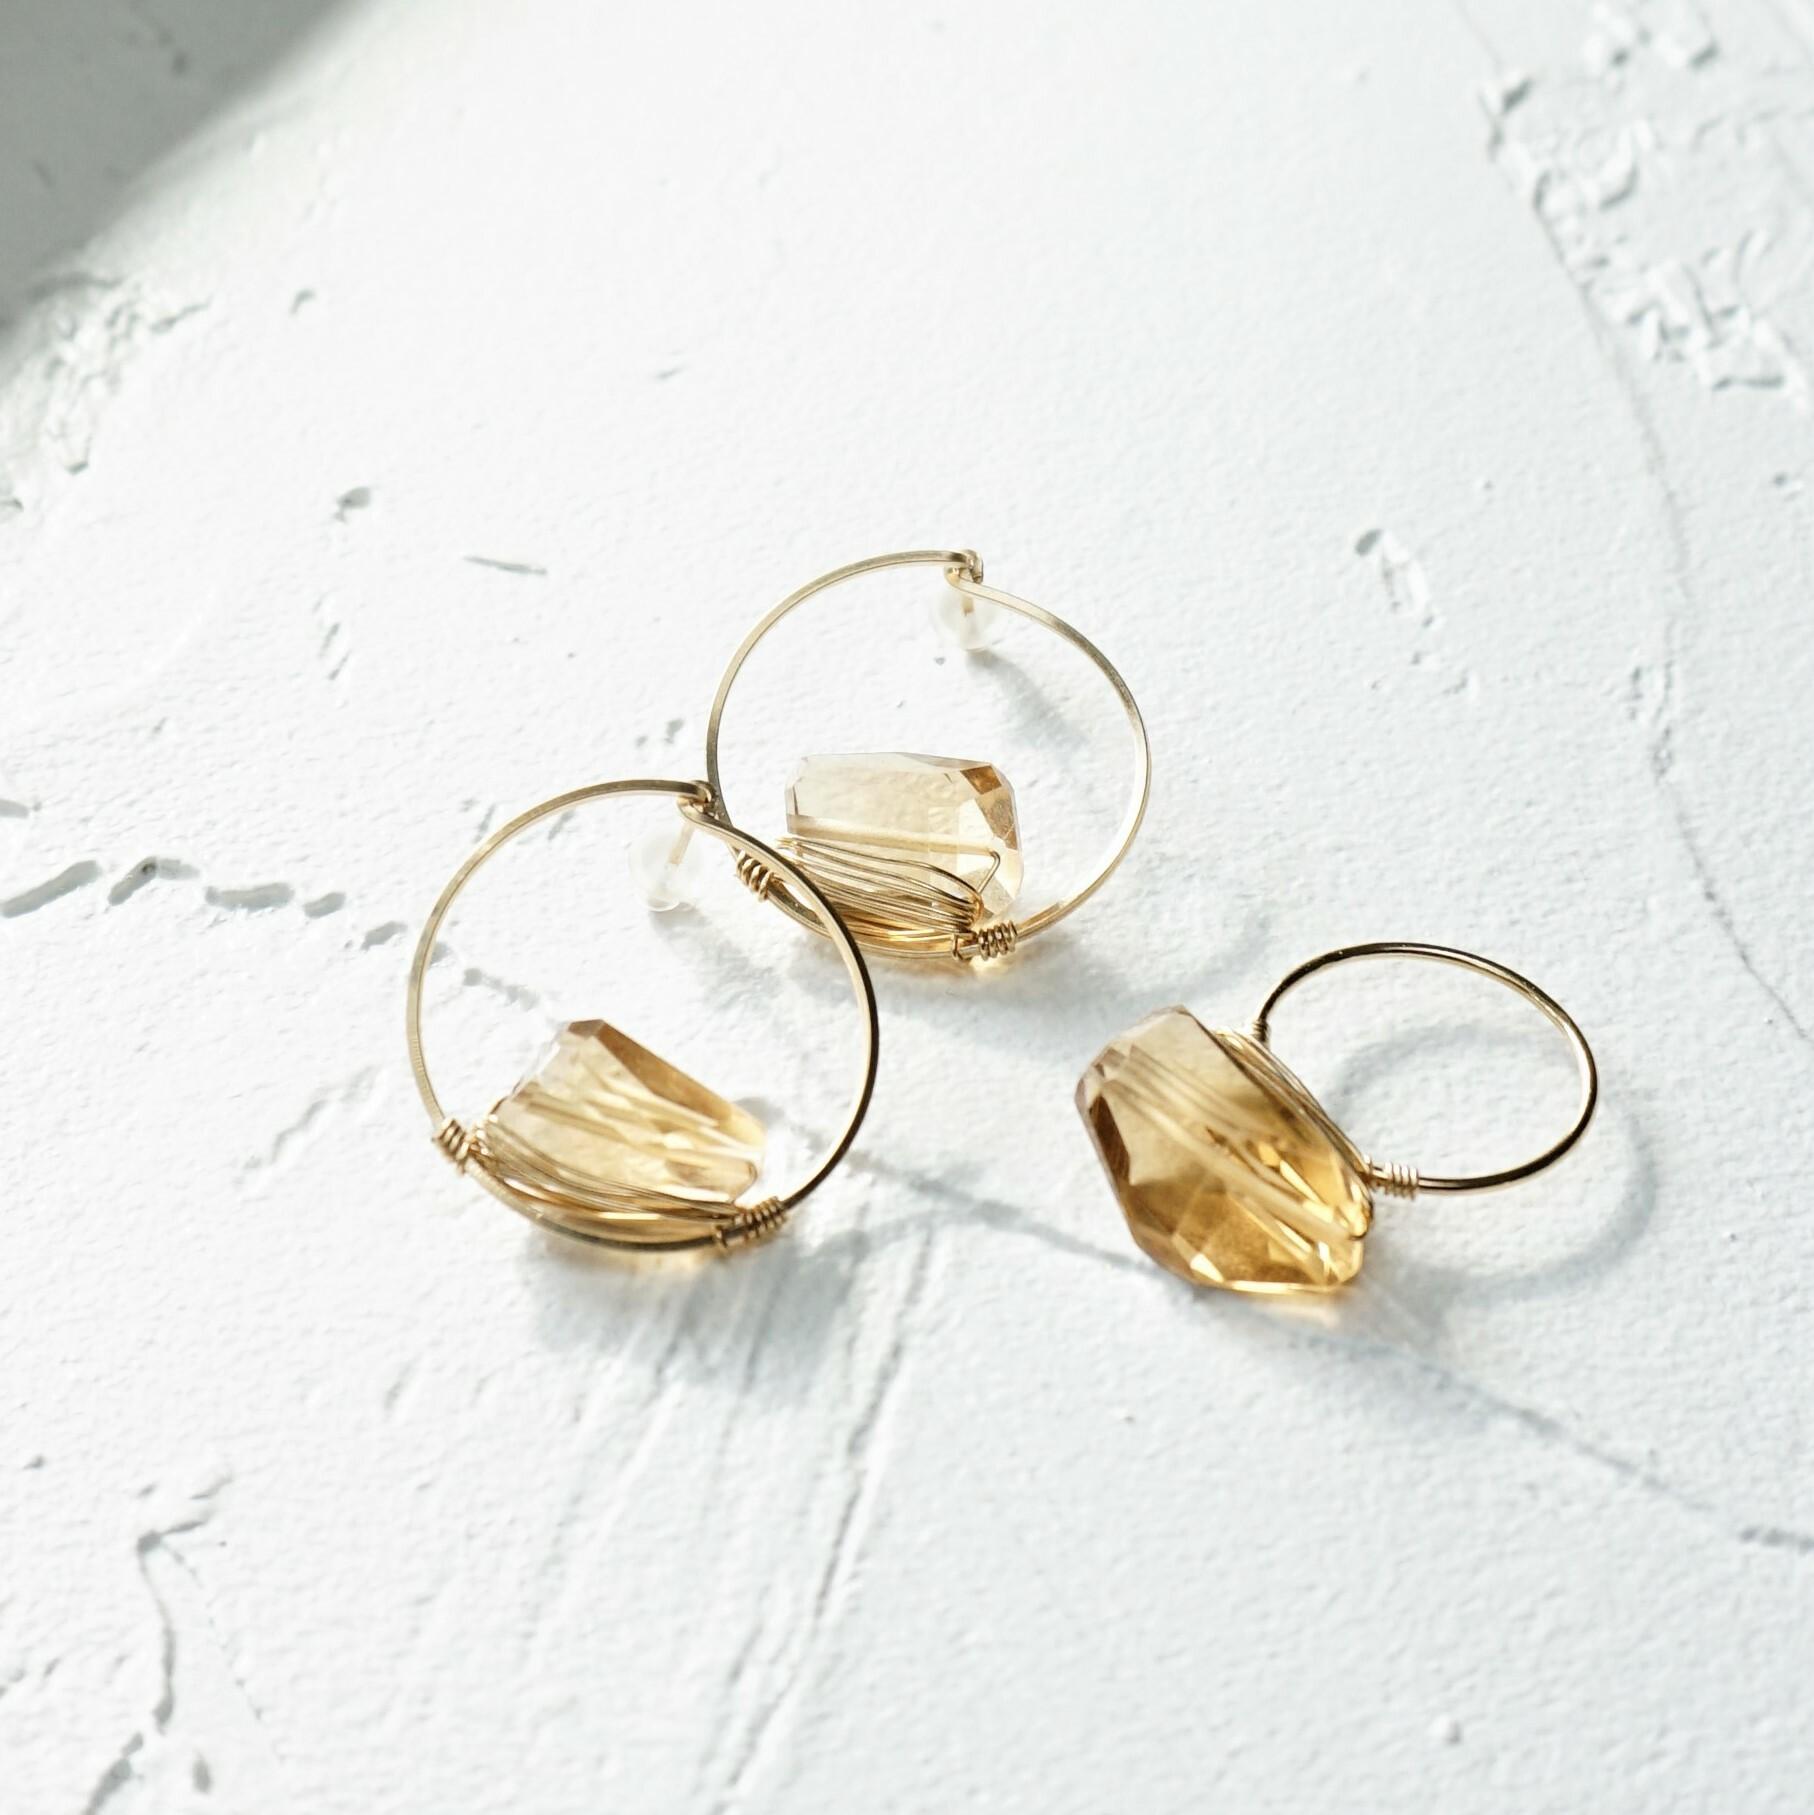 上白石萌音さん着用14kgf*宝石質 Champane Quartz wrapped ring + pierced earring